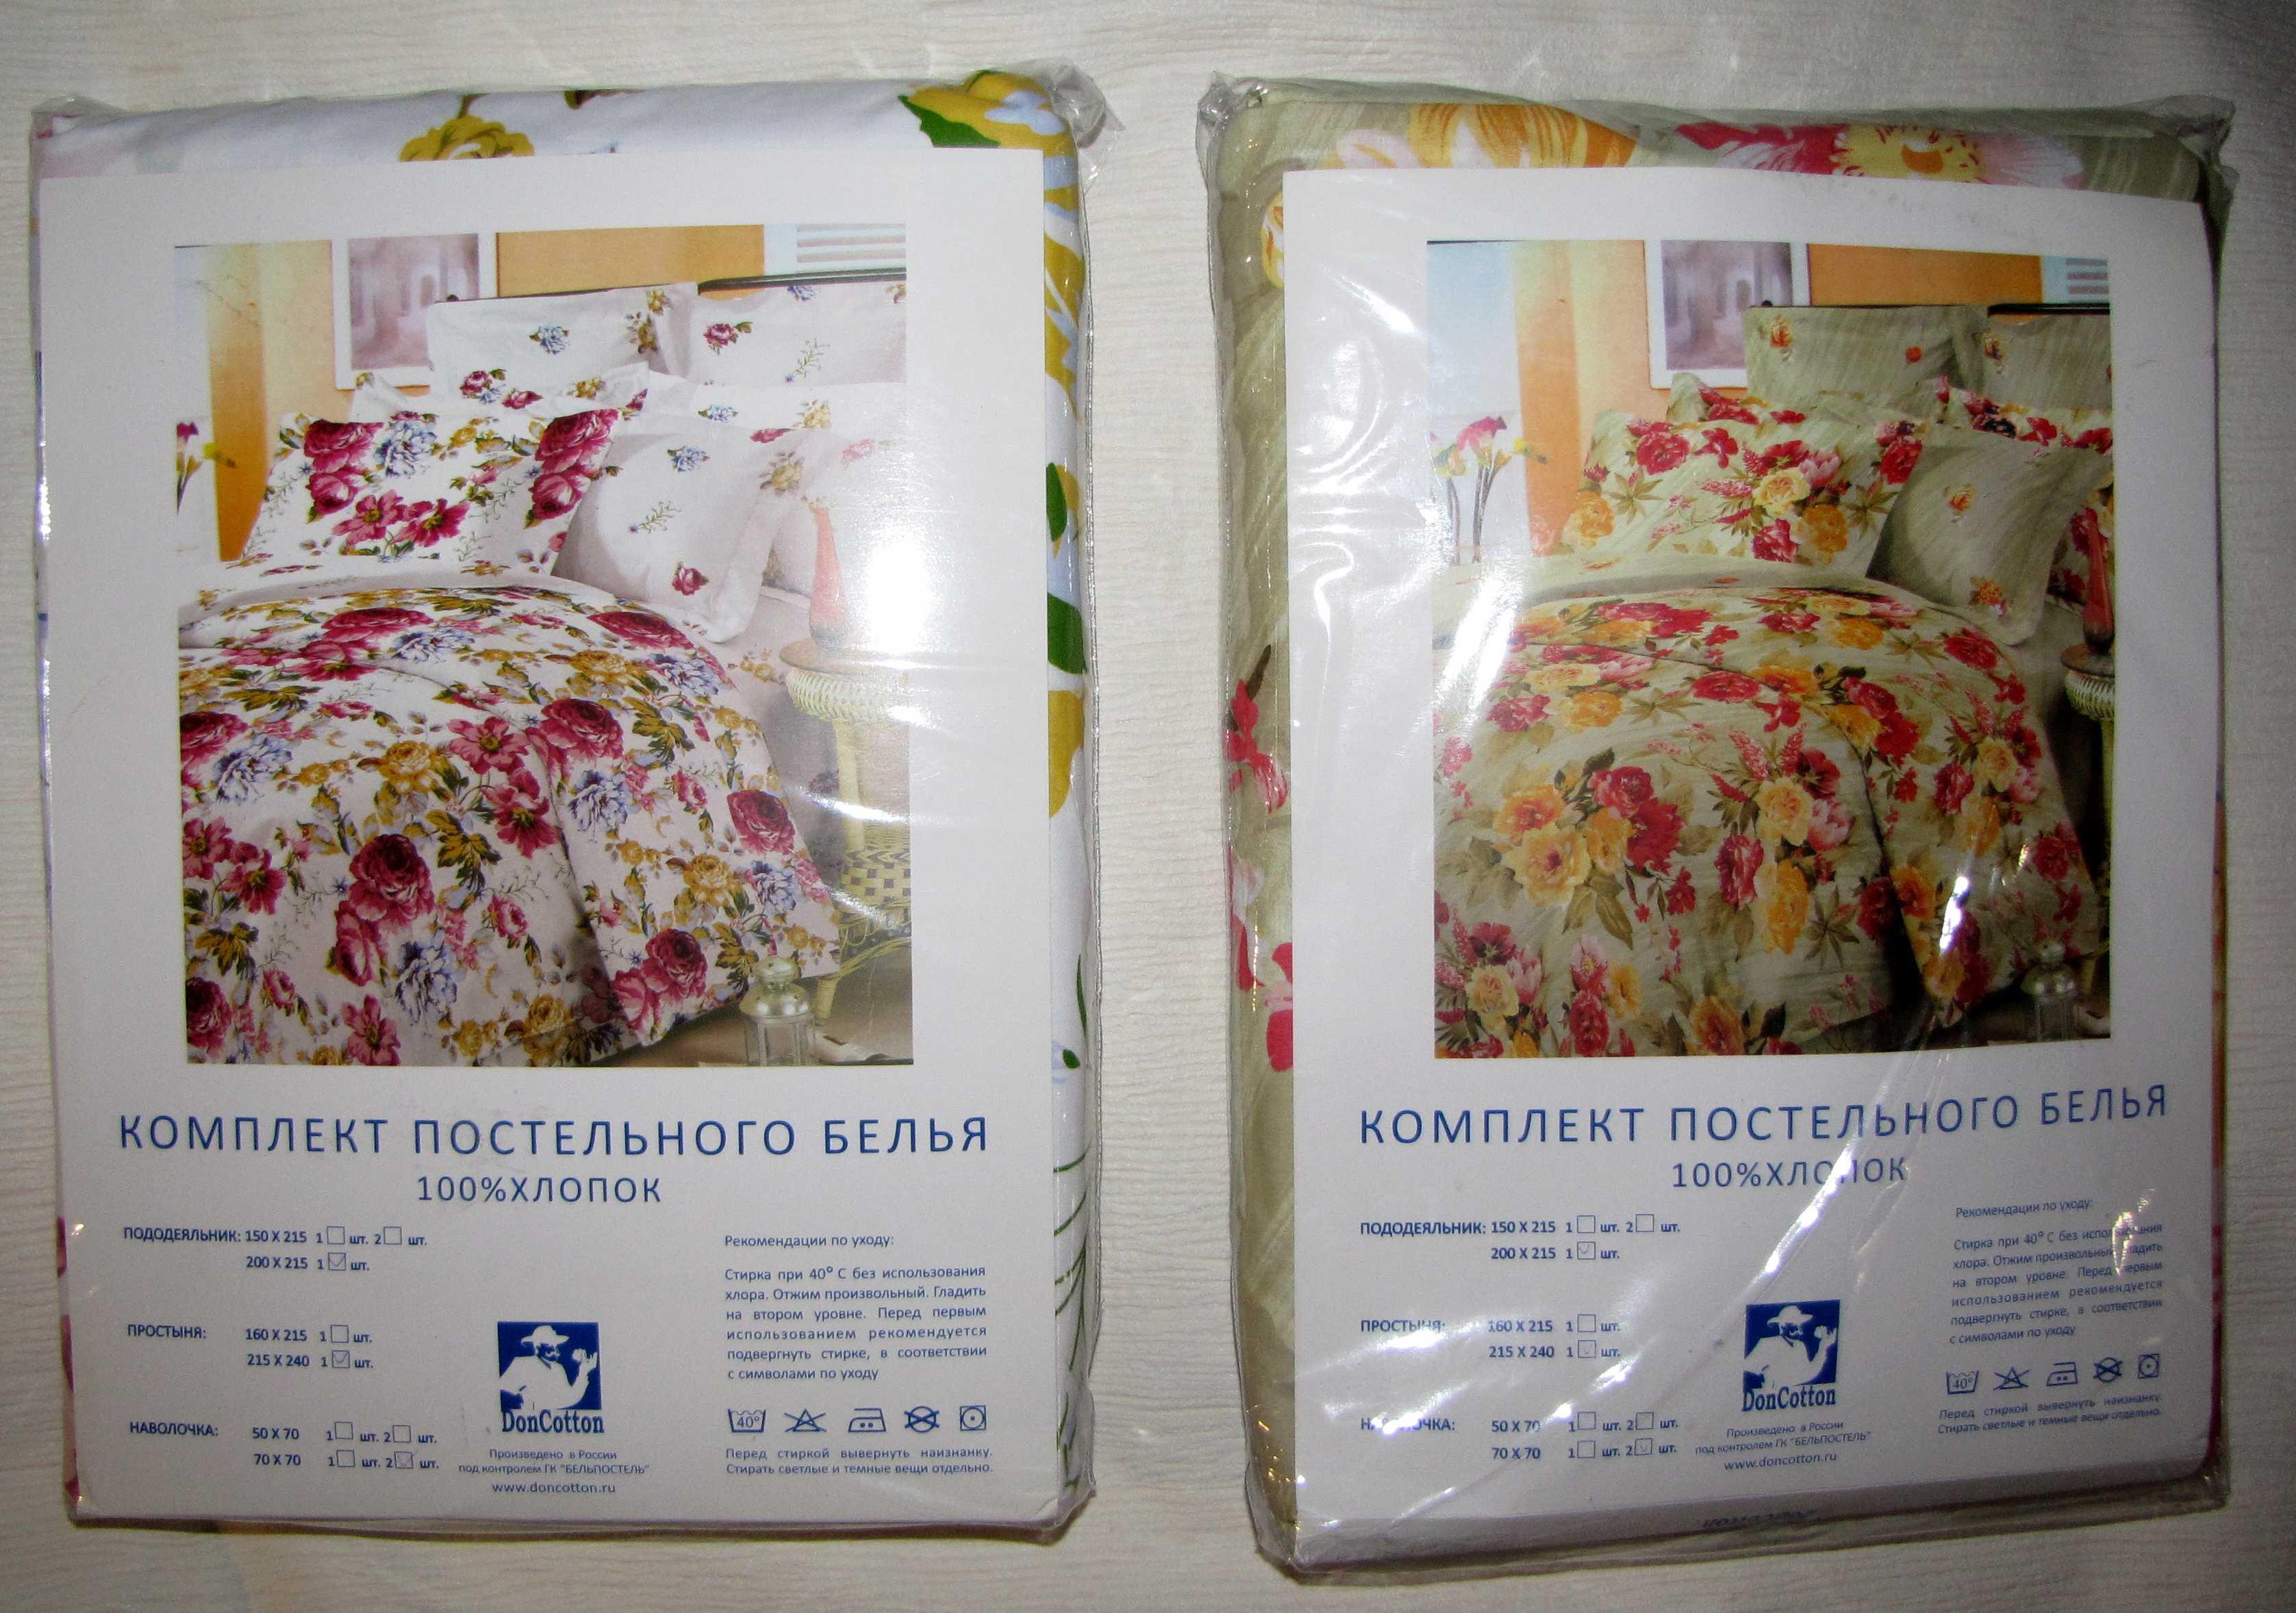 Как выбрать постельное белье|какой материал лучше выбрать